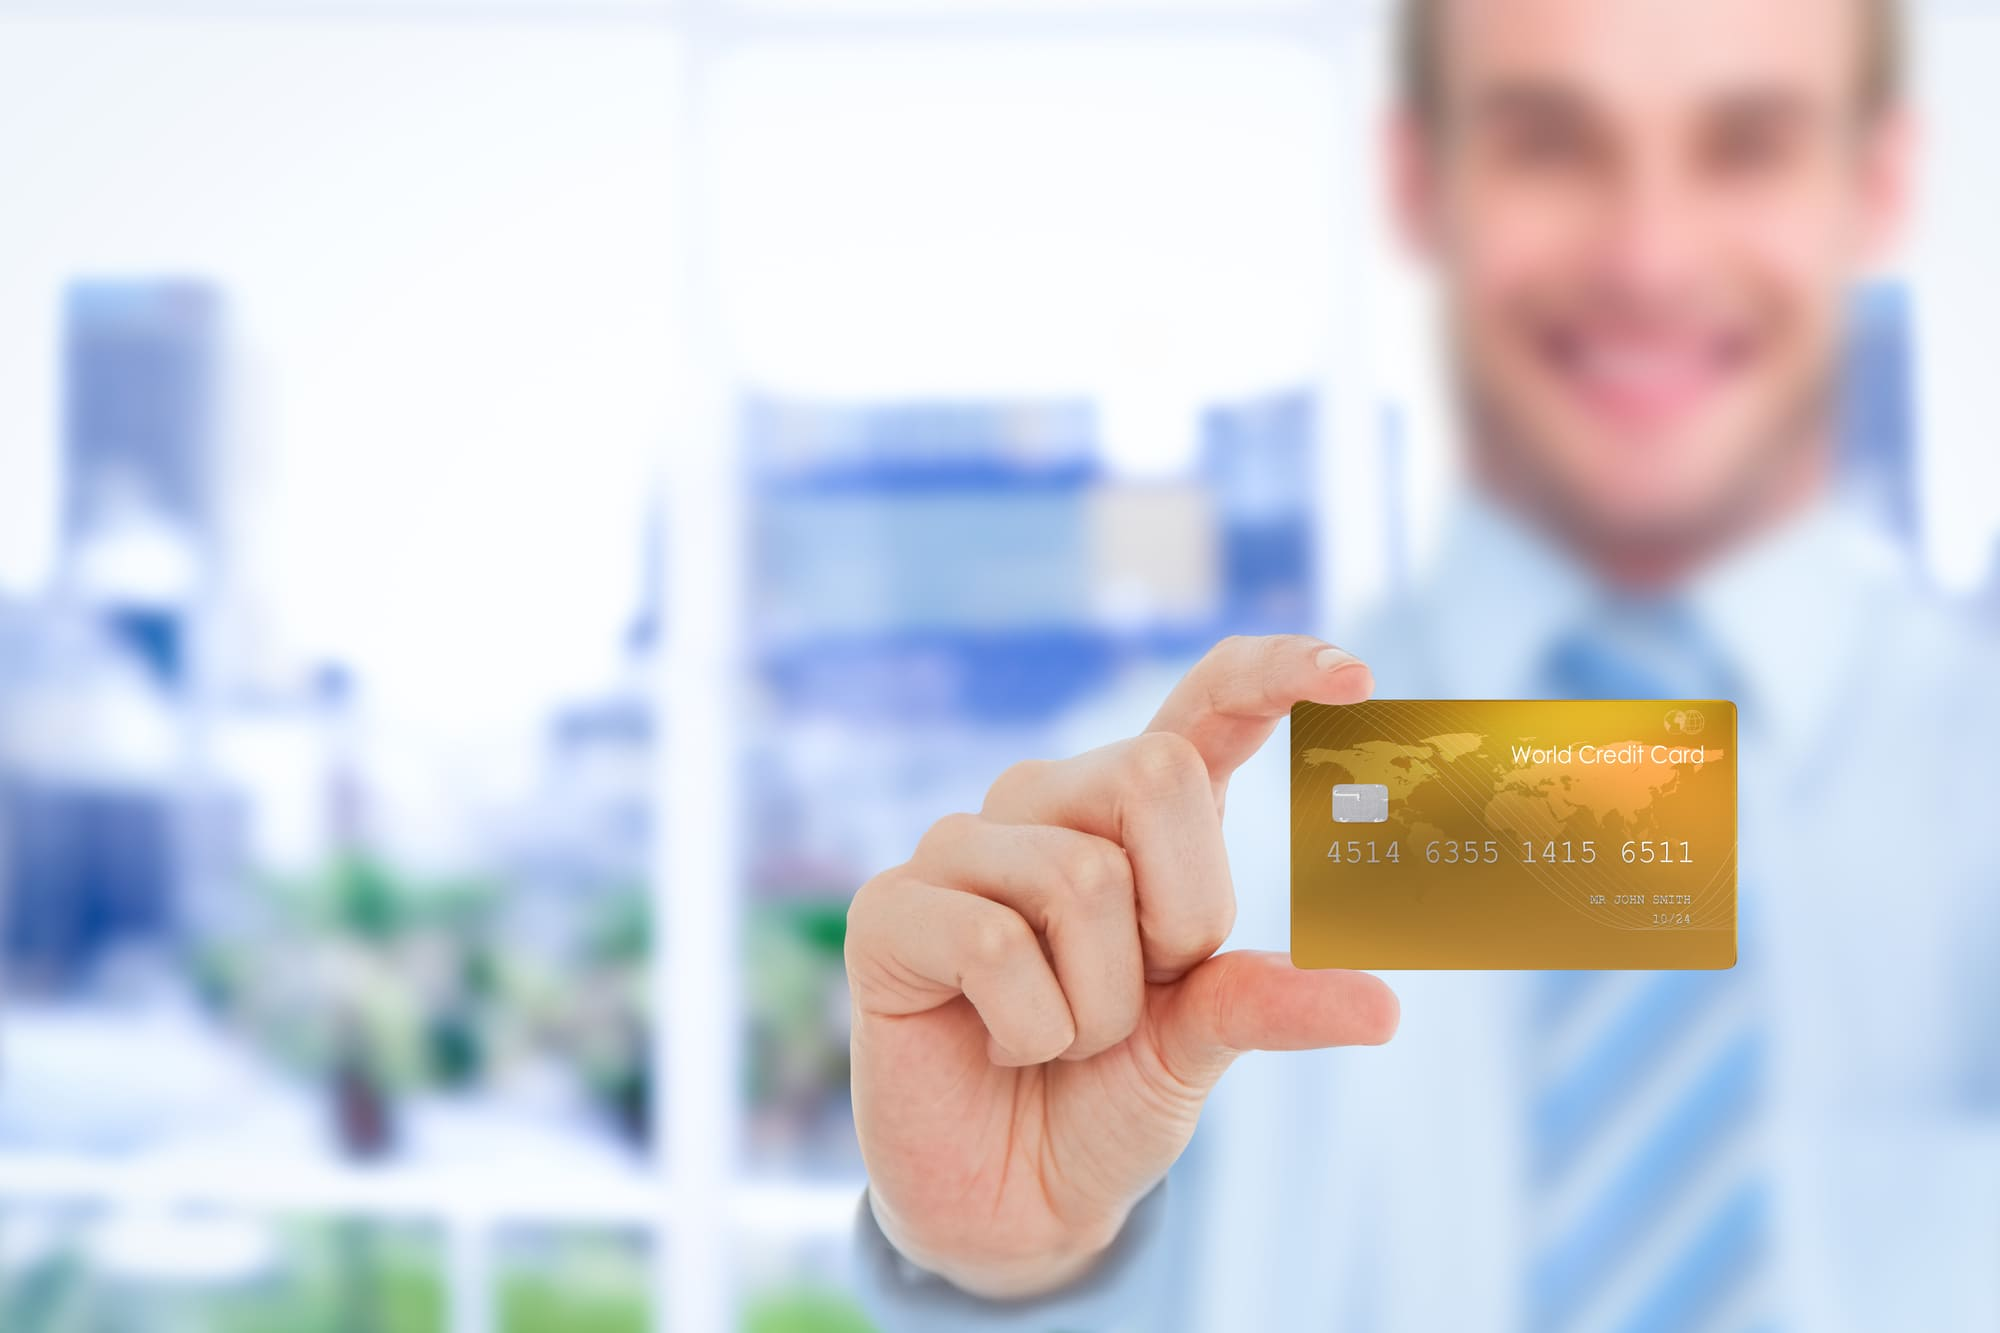 法人カードは即日発行できる? 早く欲しい人におすすめの法人カード3選